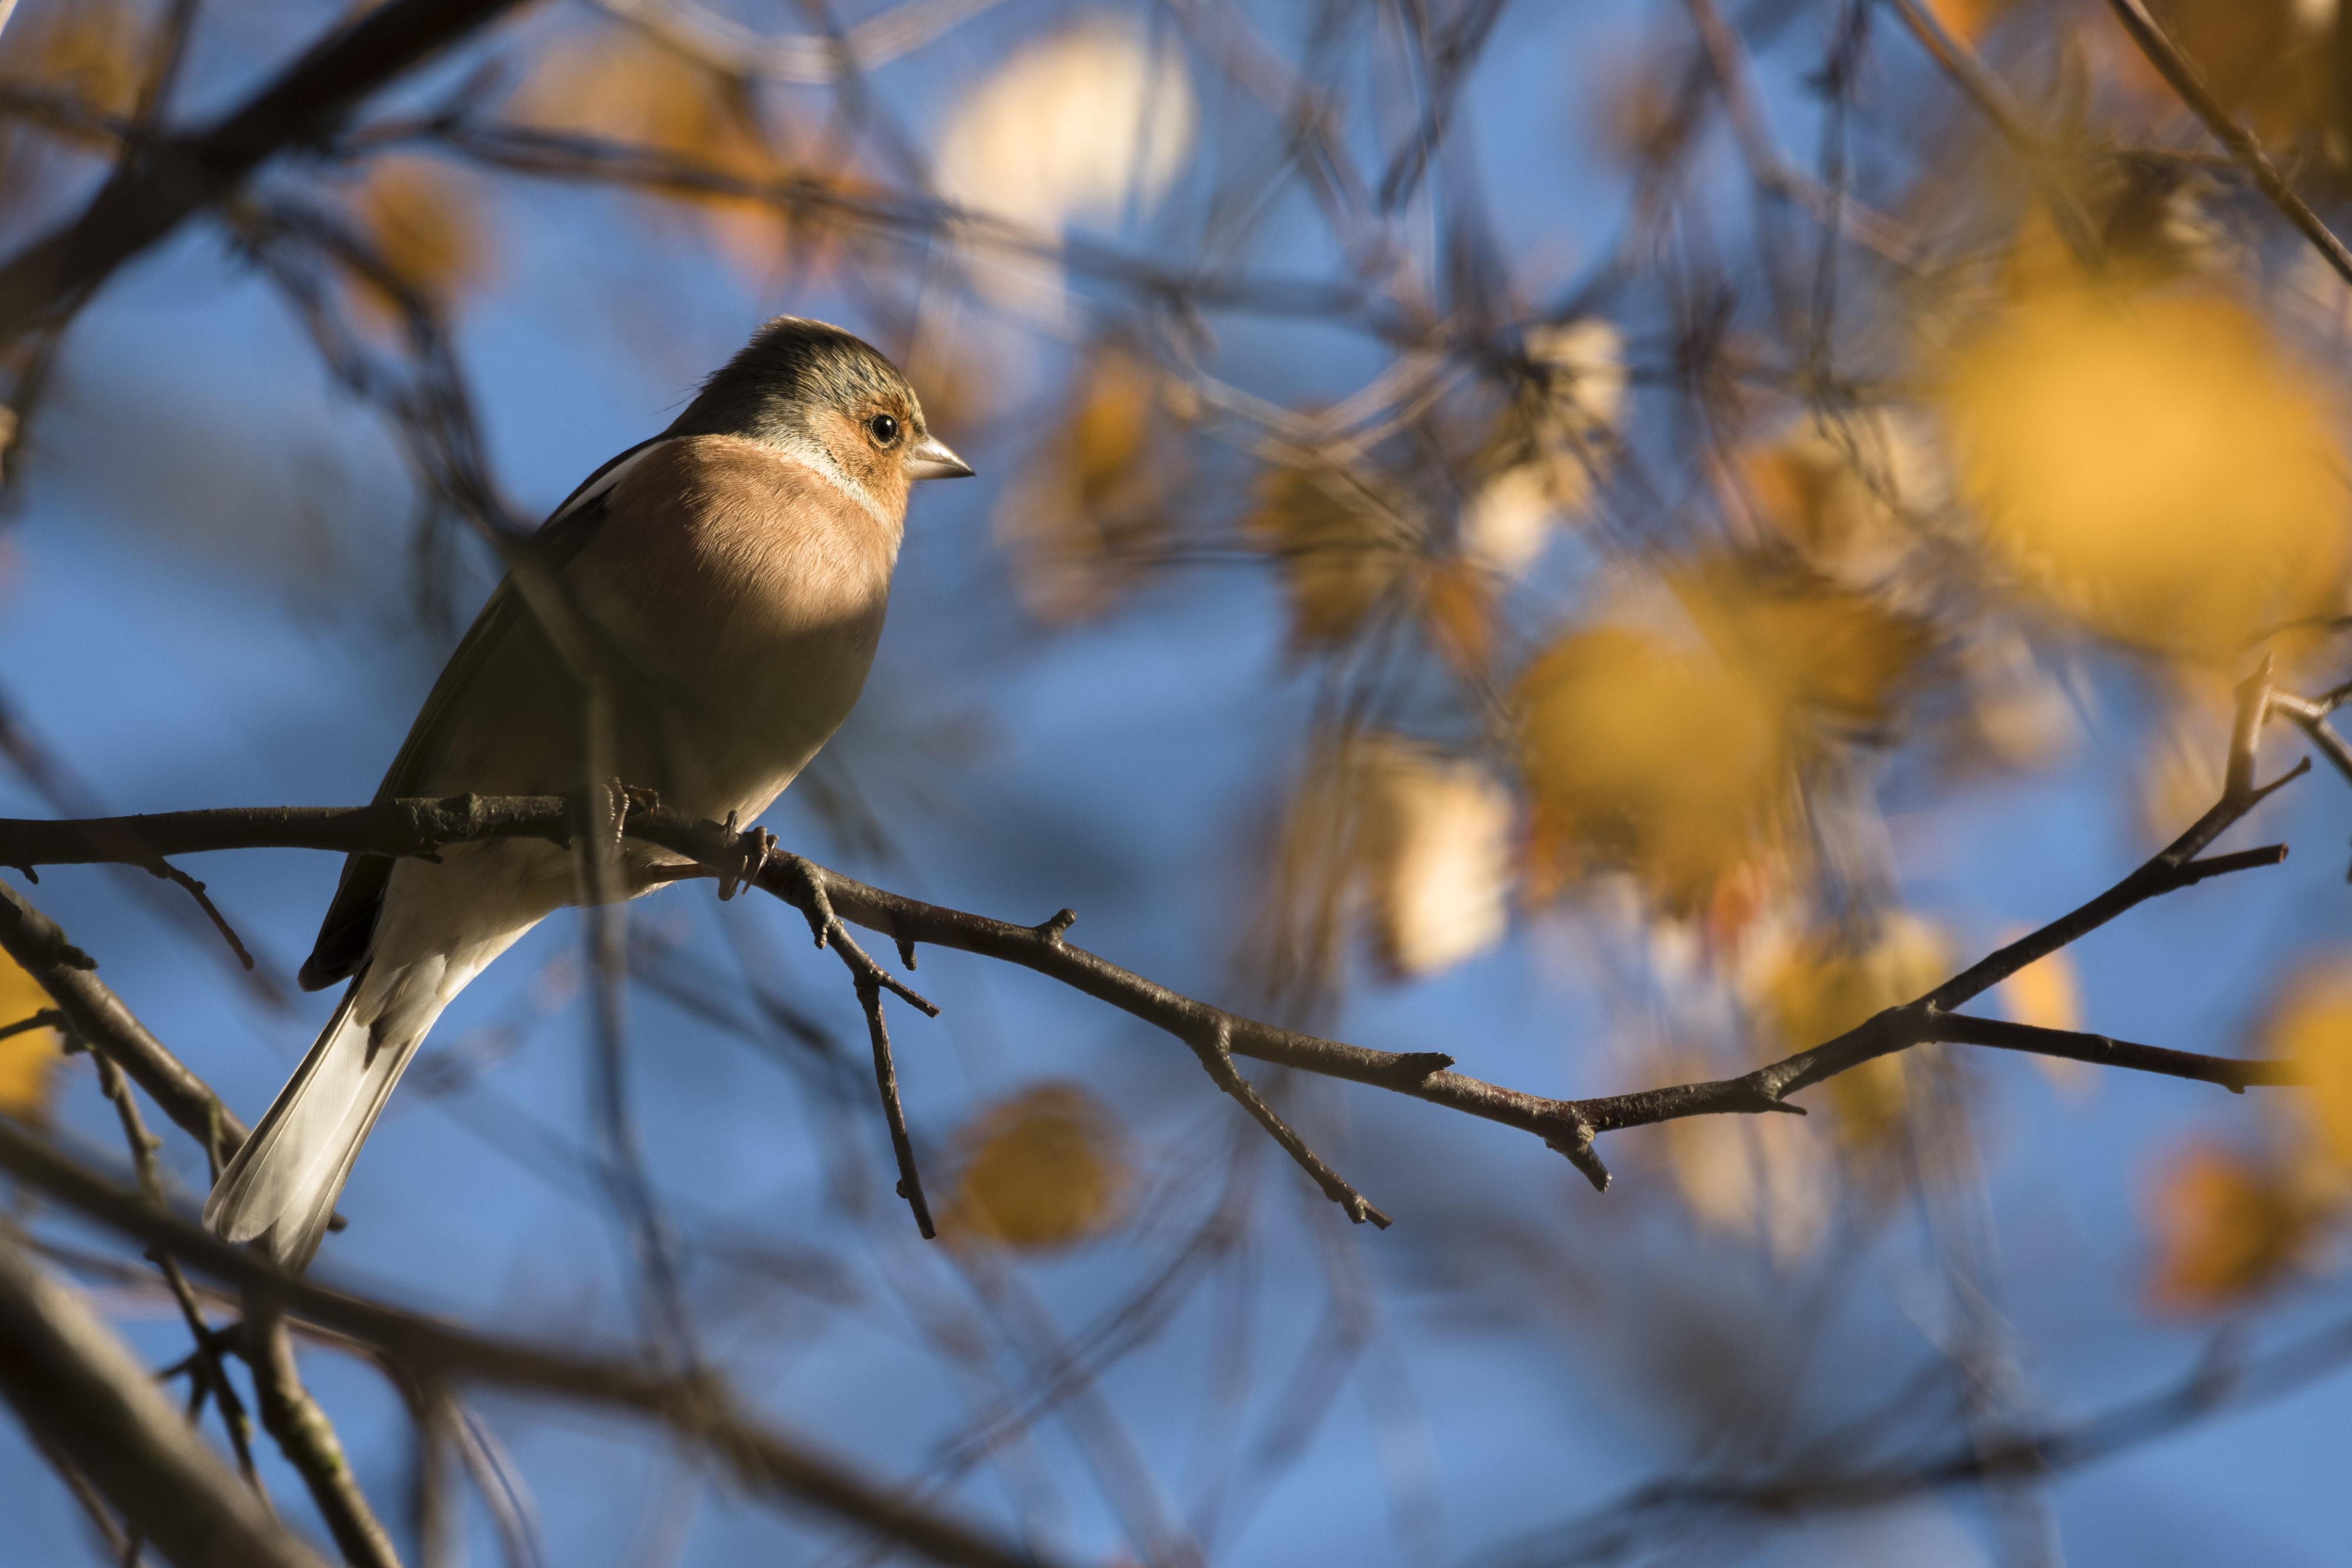 Bird on an autumnal tree